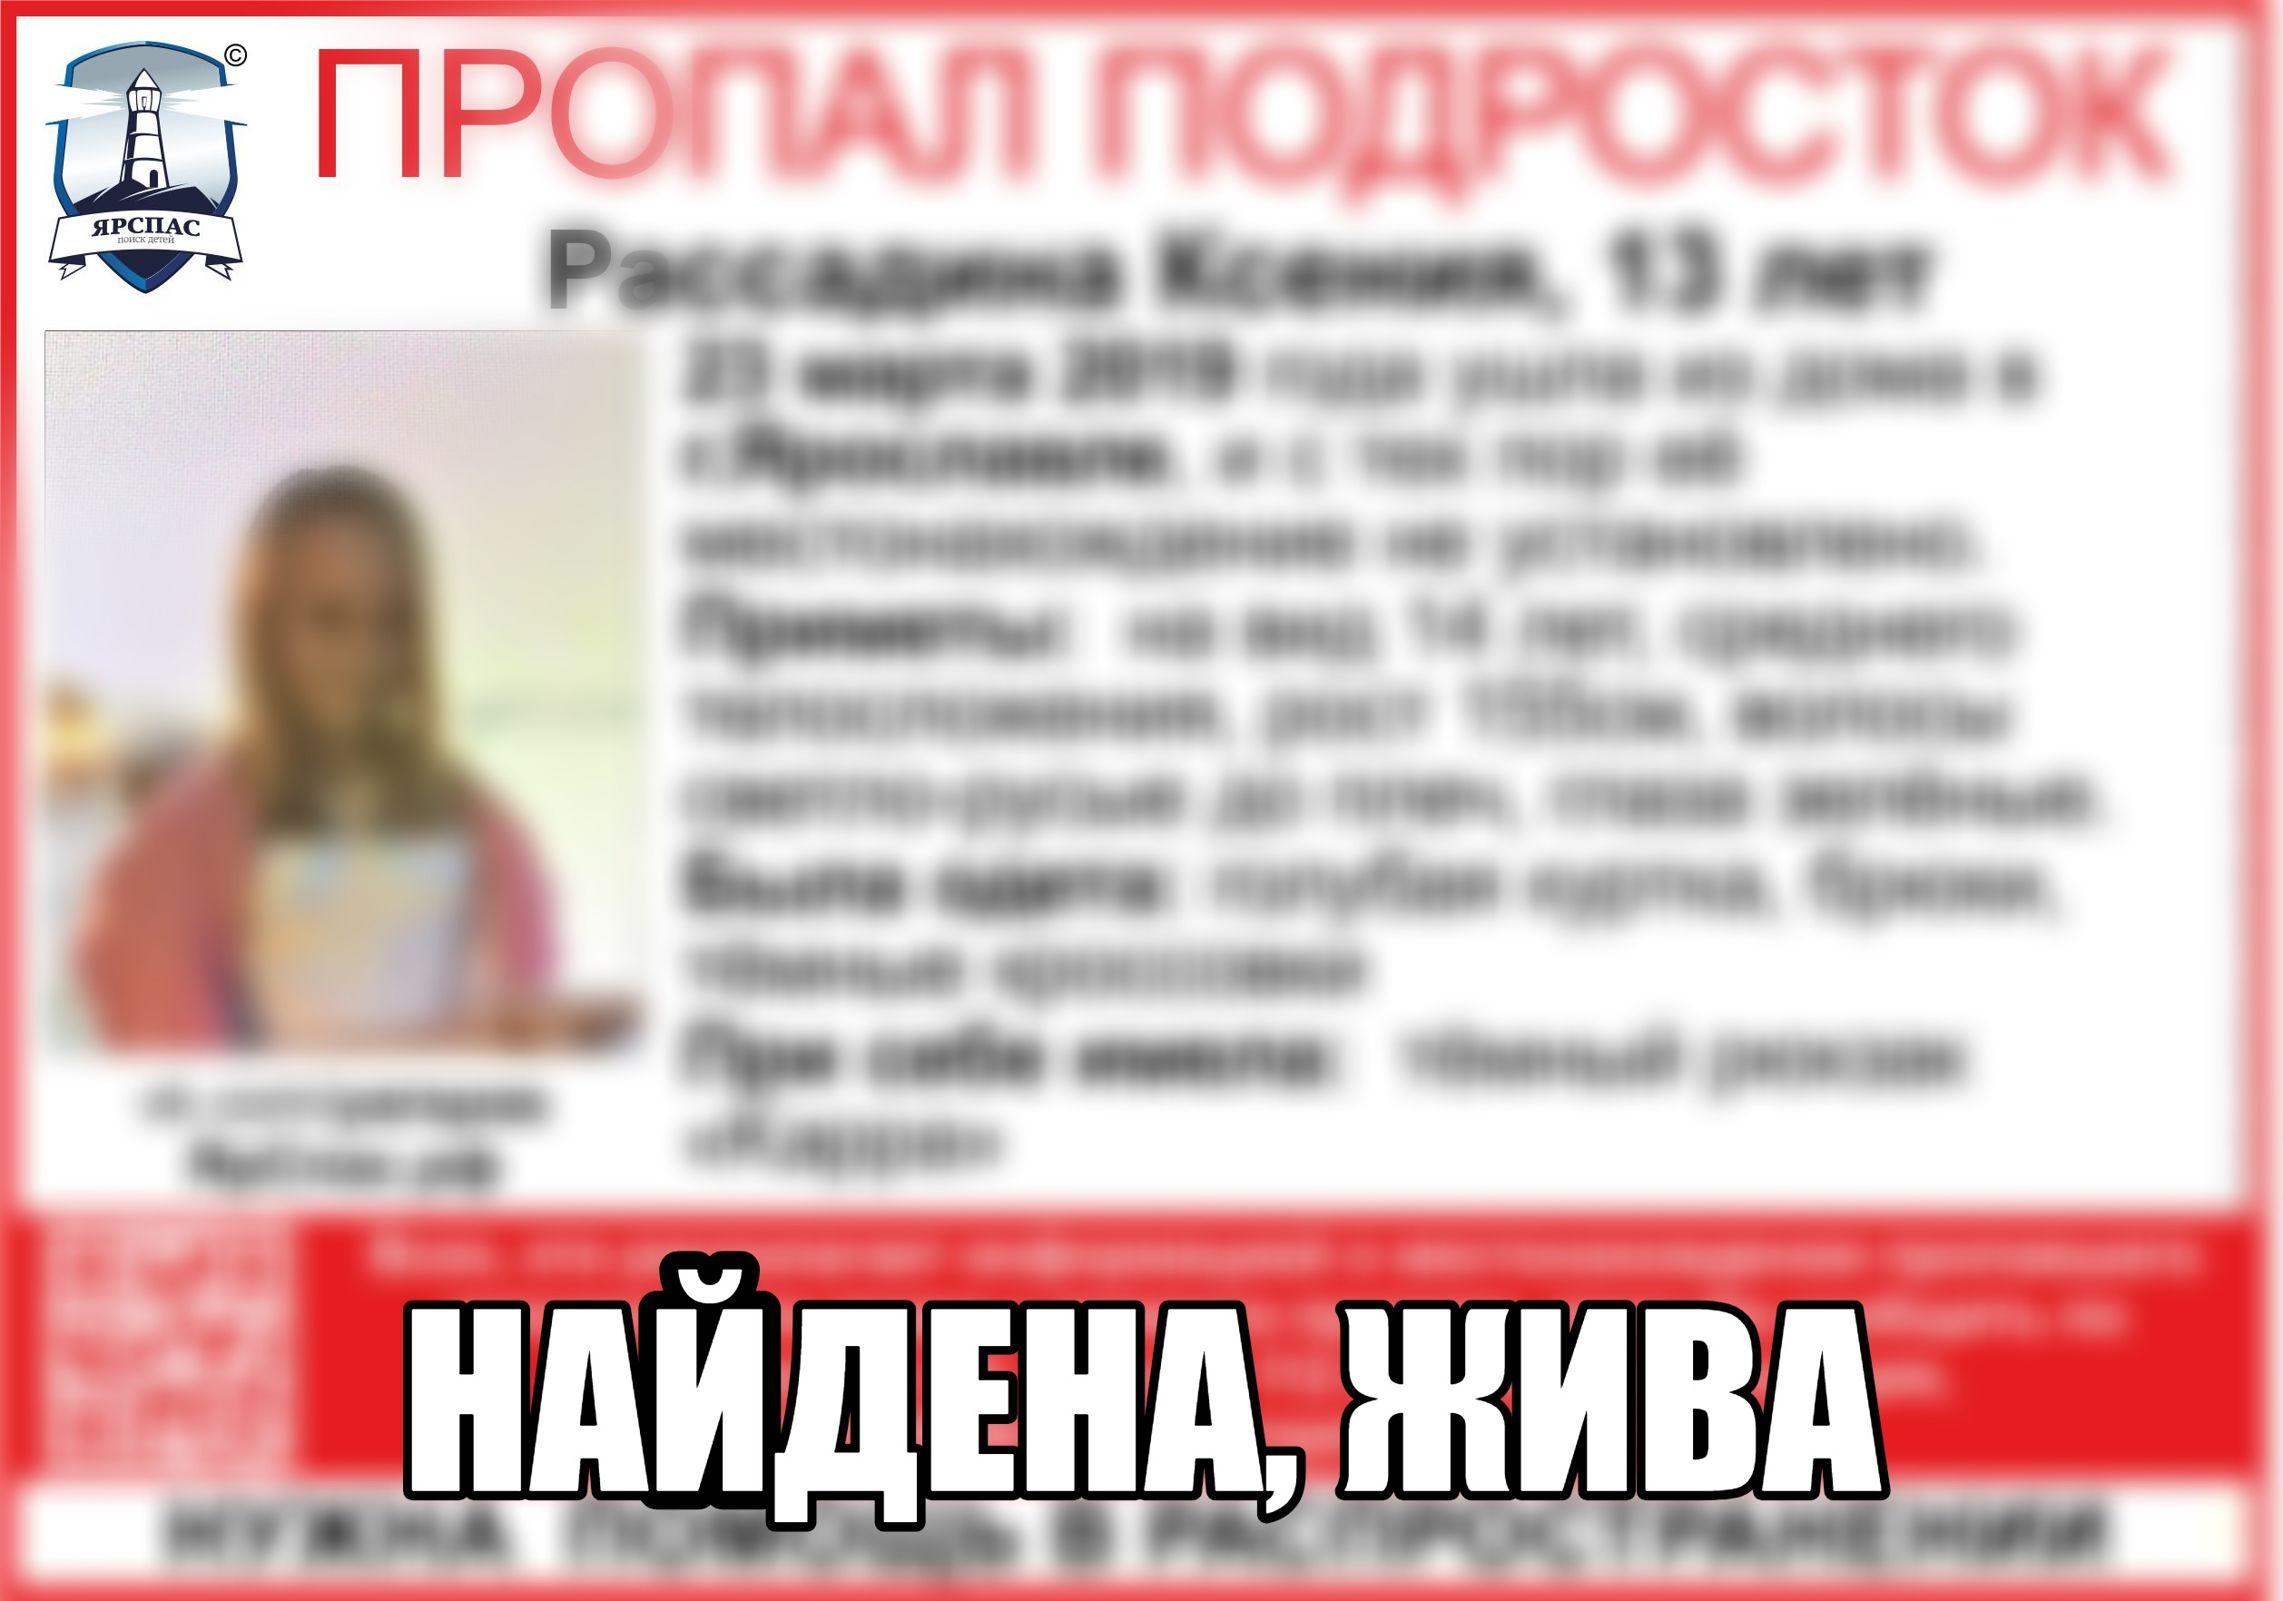 В Ярославле нашли пропавшую школьницу